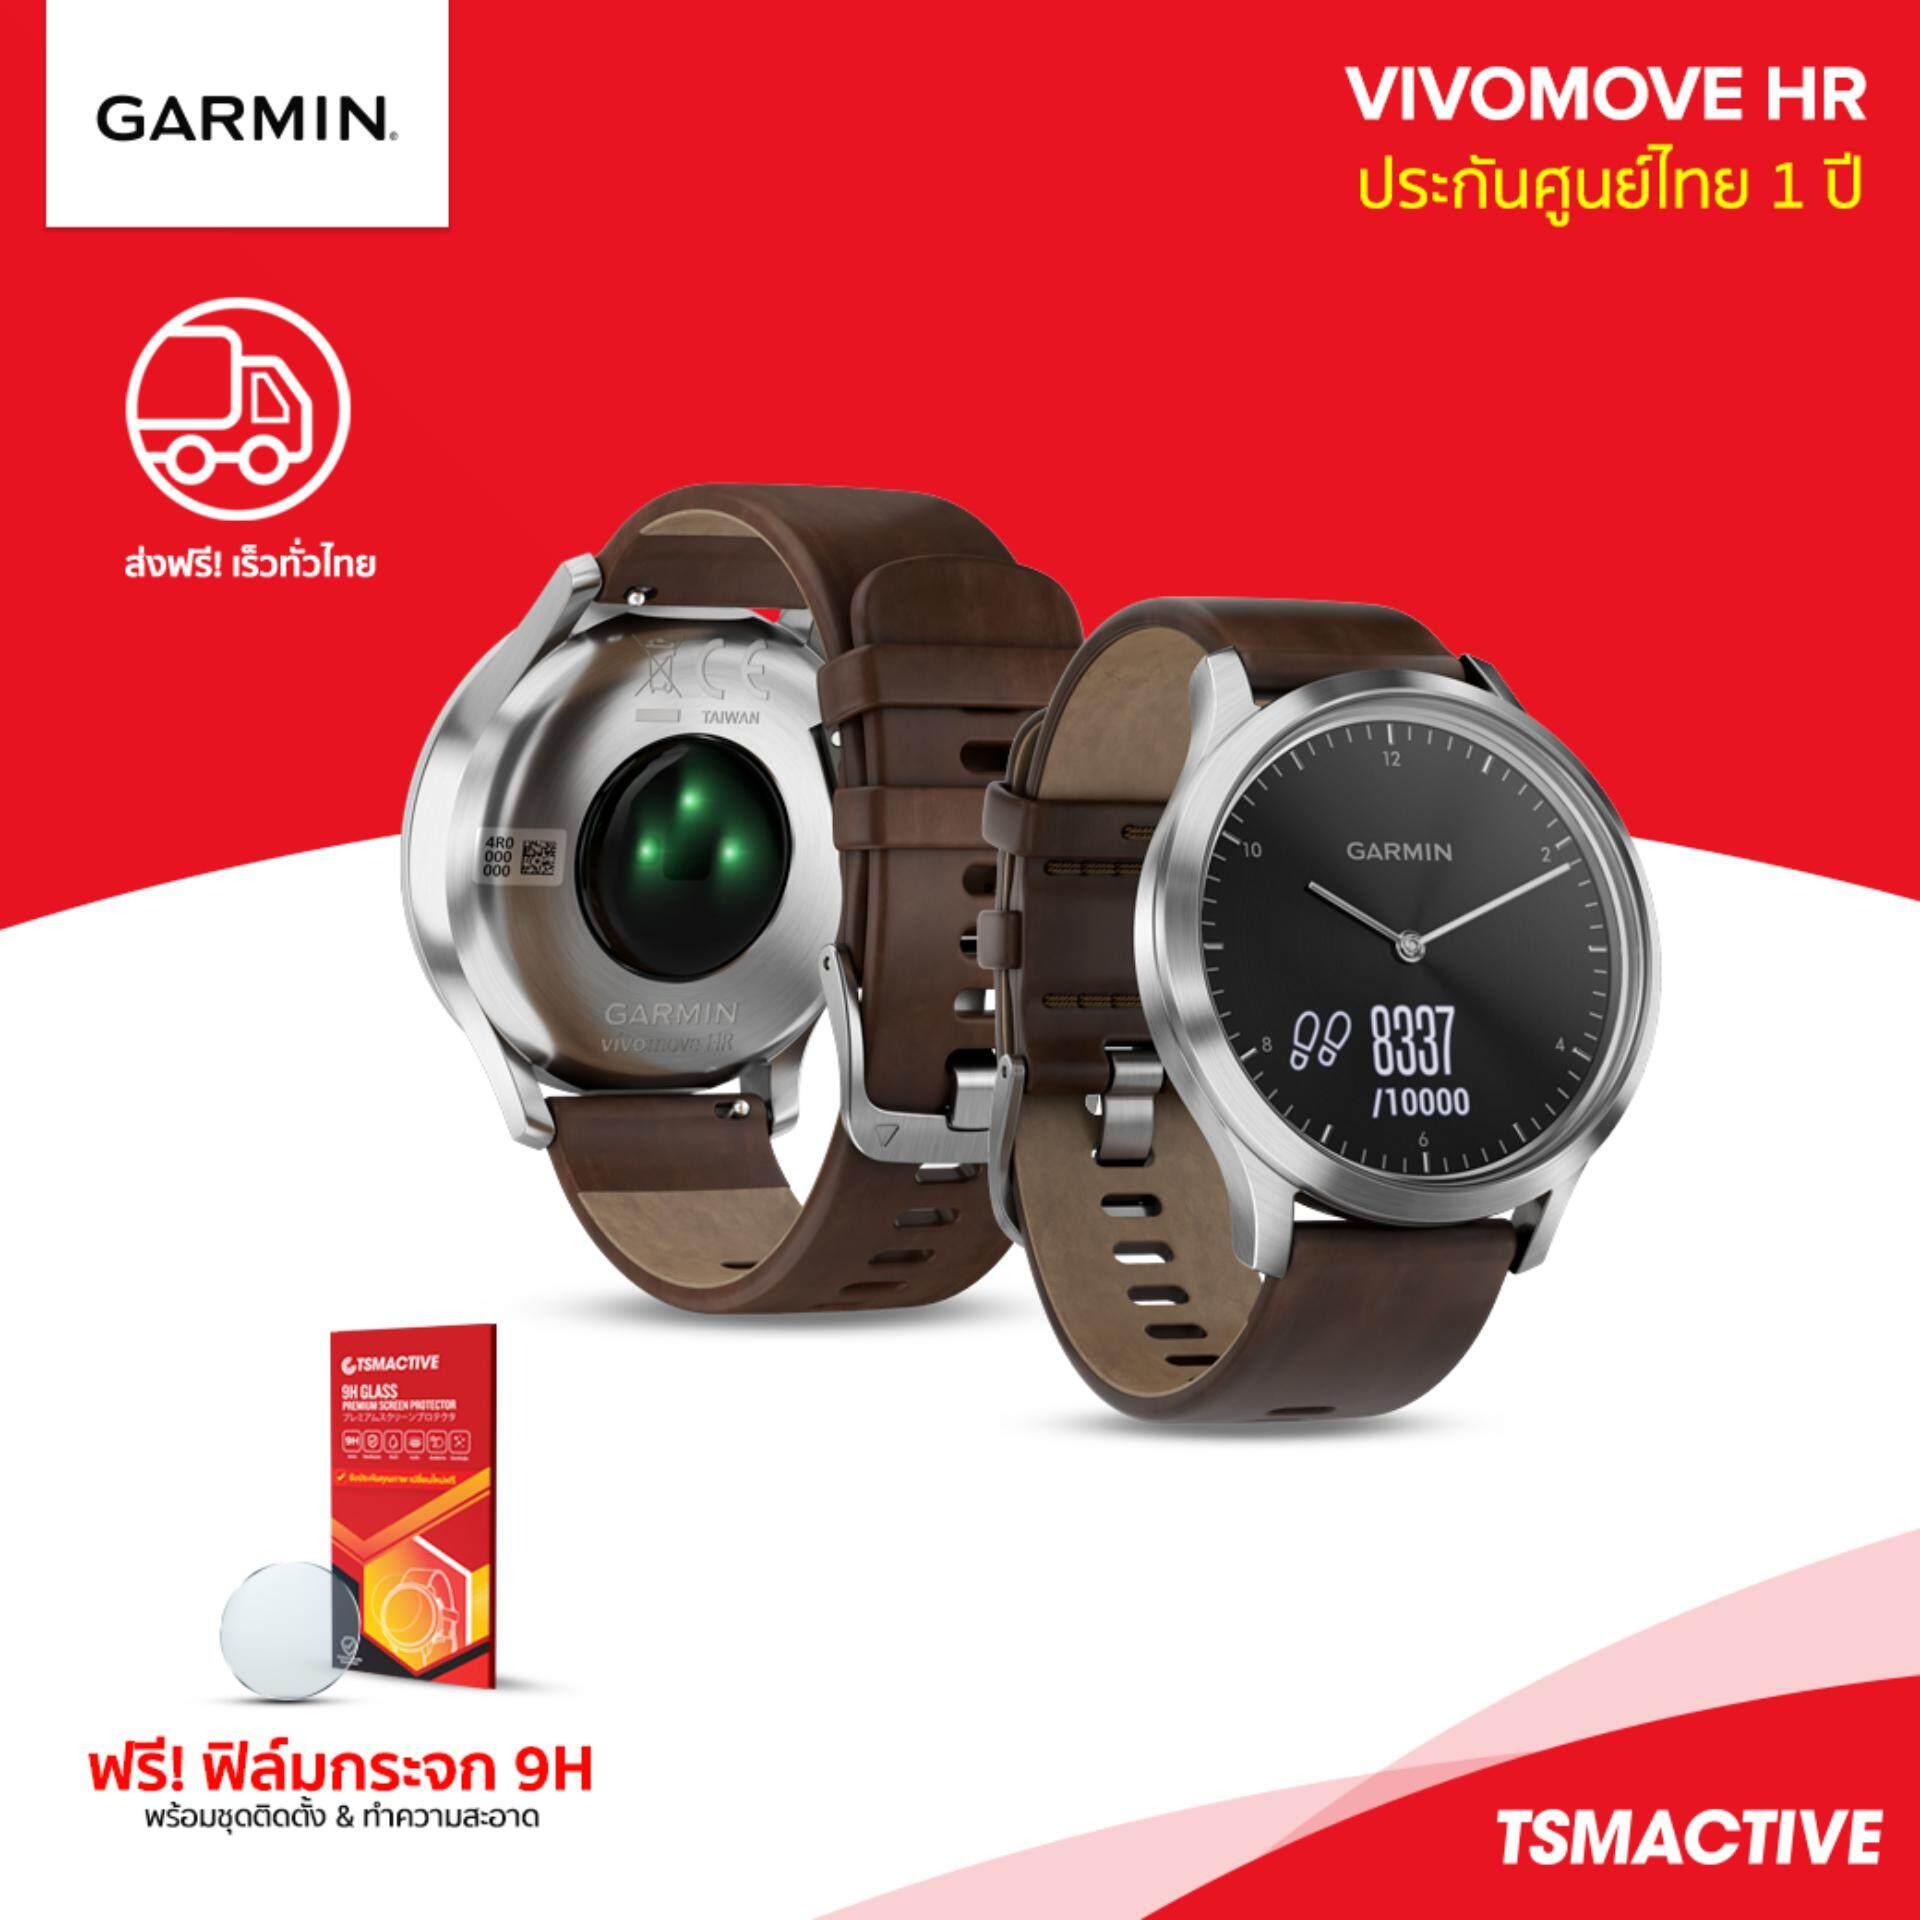 ขอนแก่น Garmin Vivomove HR (Premium - Black/Silver : Large) นาฬิกาอัจฉริยะระบบไฮบริด วัดชีพจร 24 ชั่วโมง